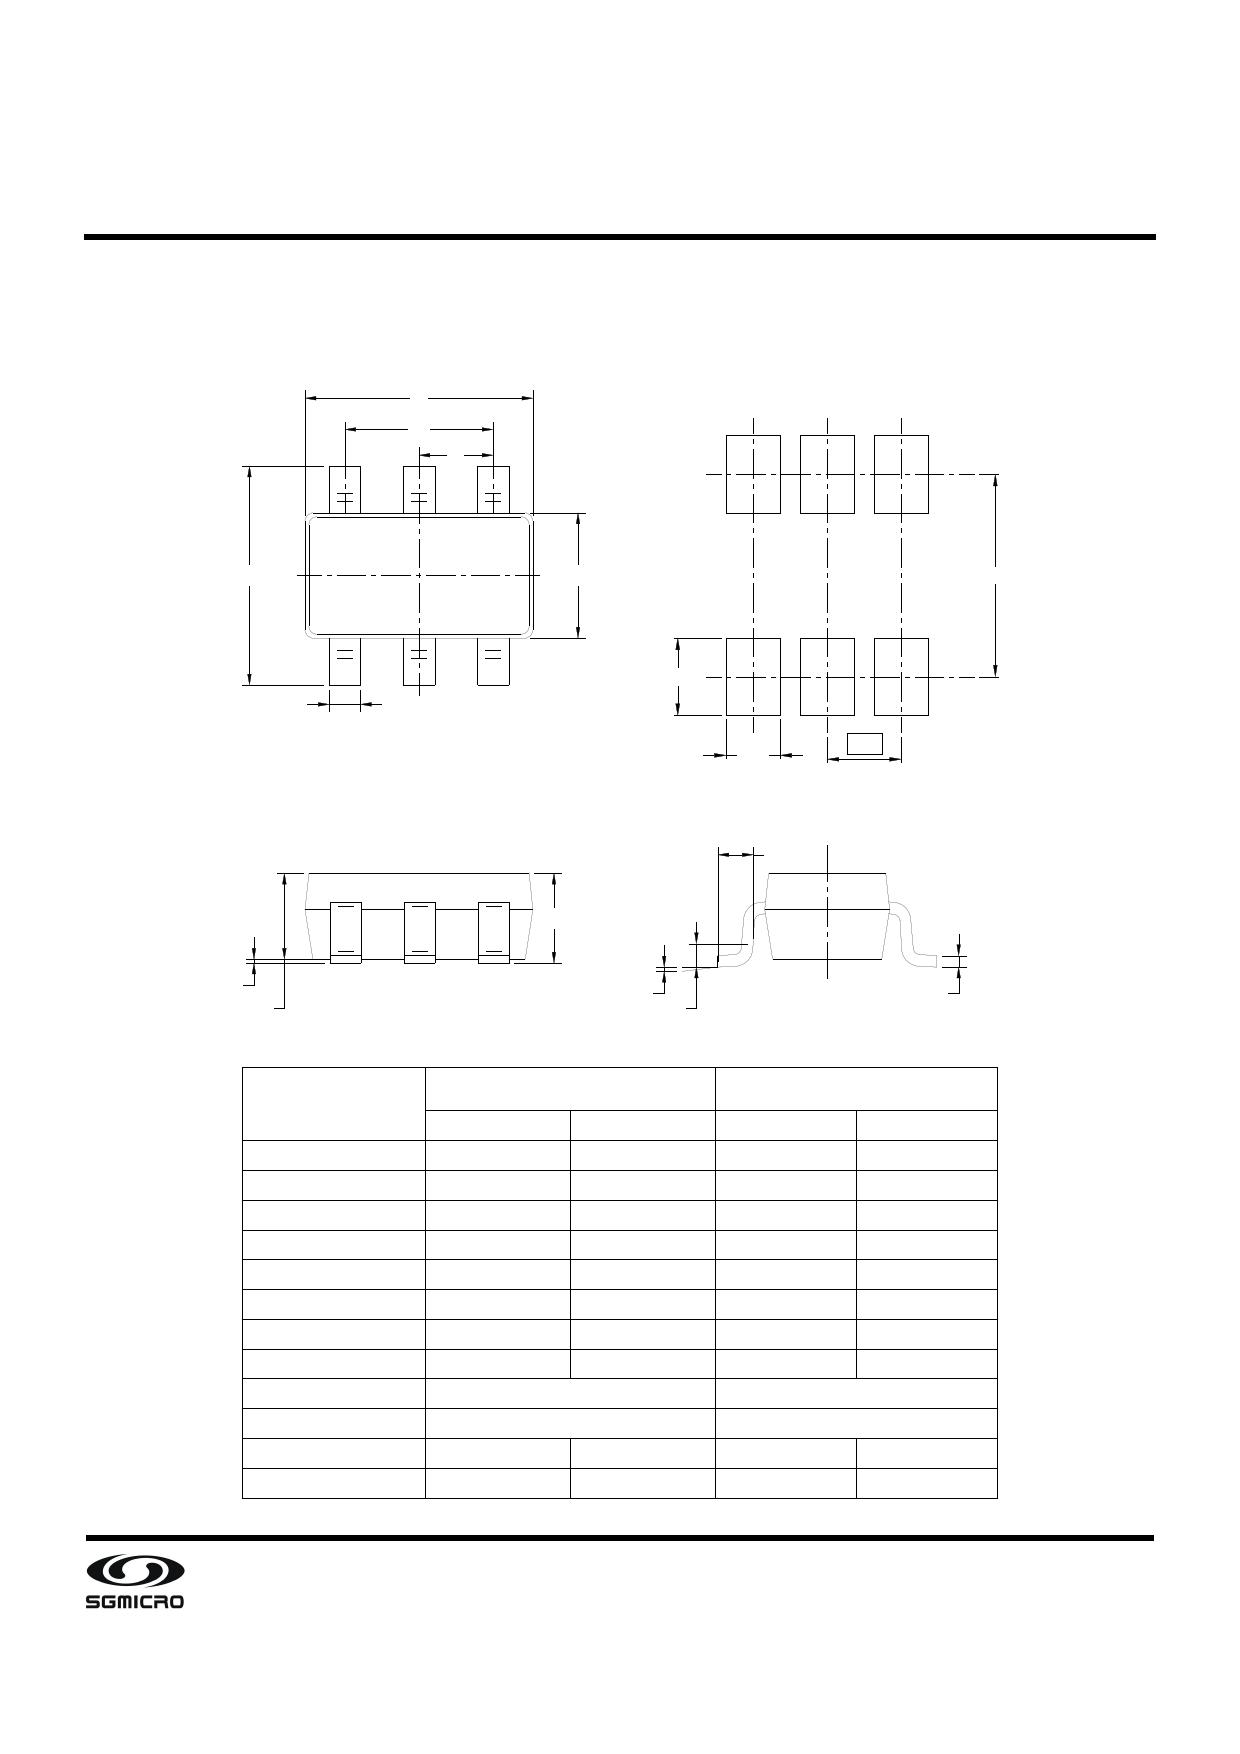 SGM8934 diode, scr